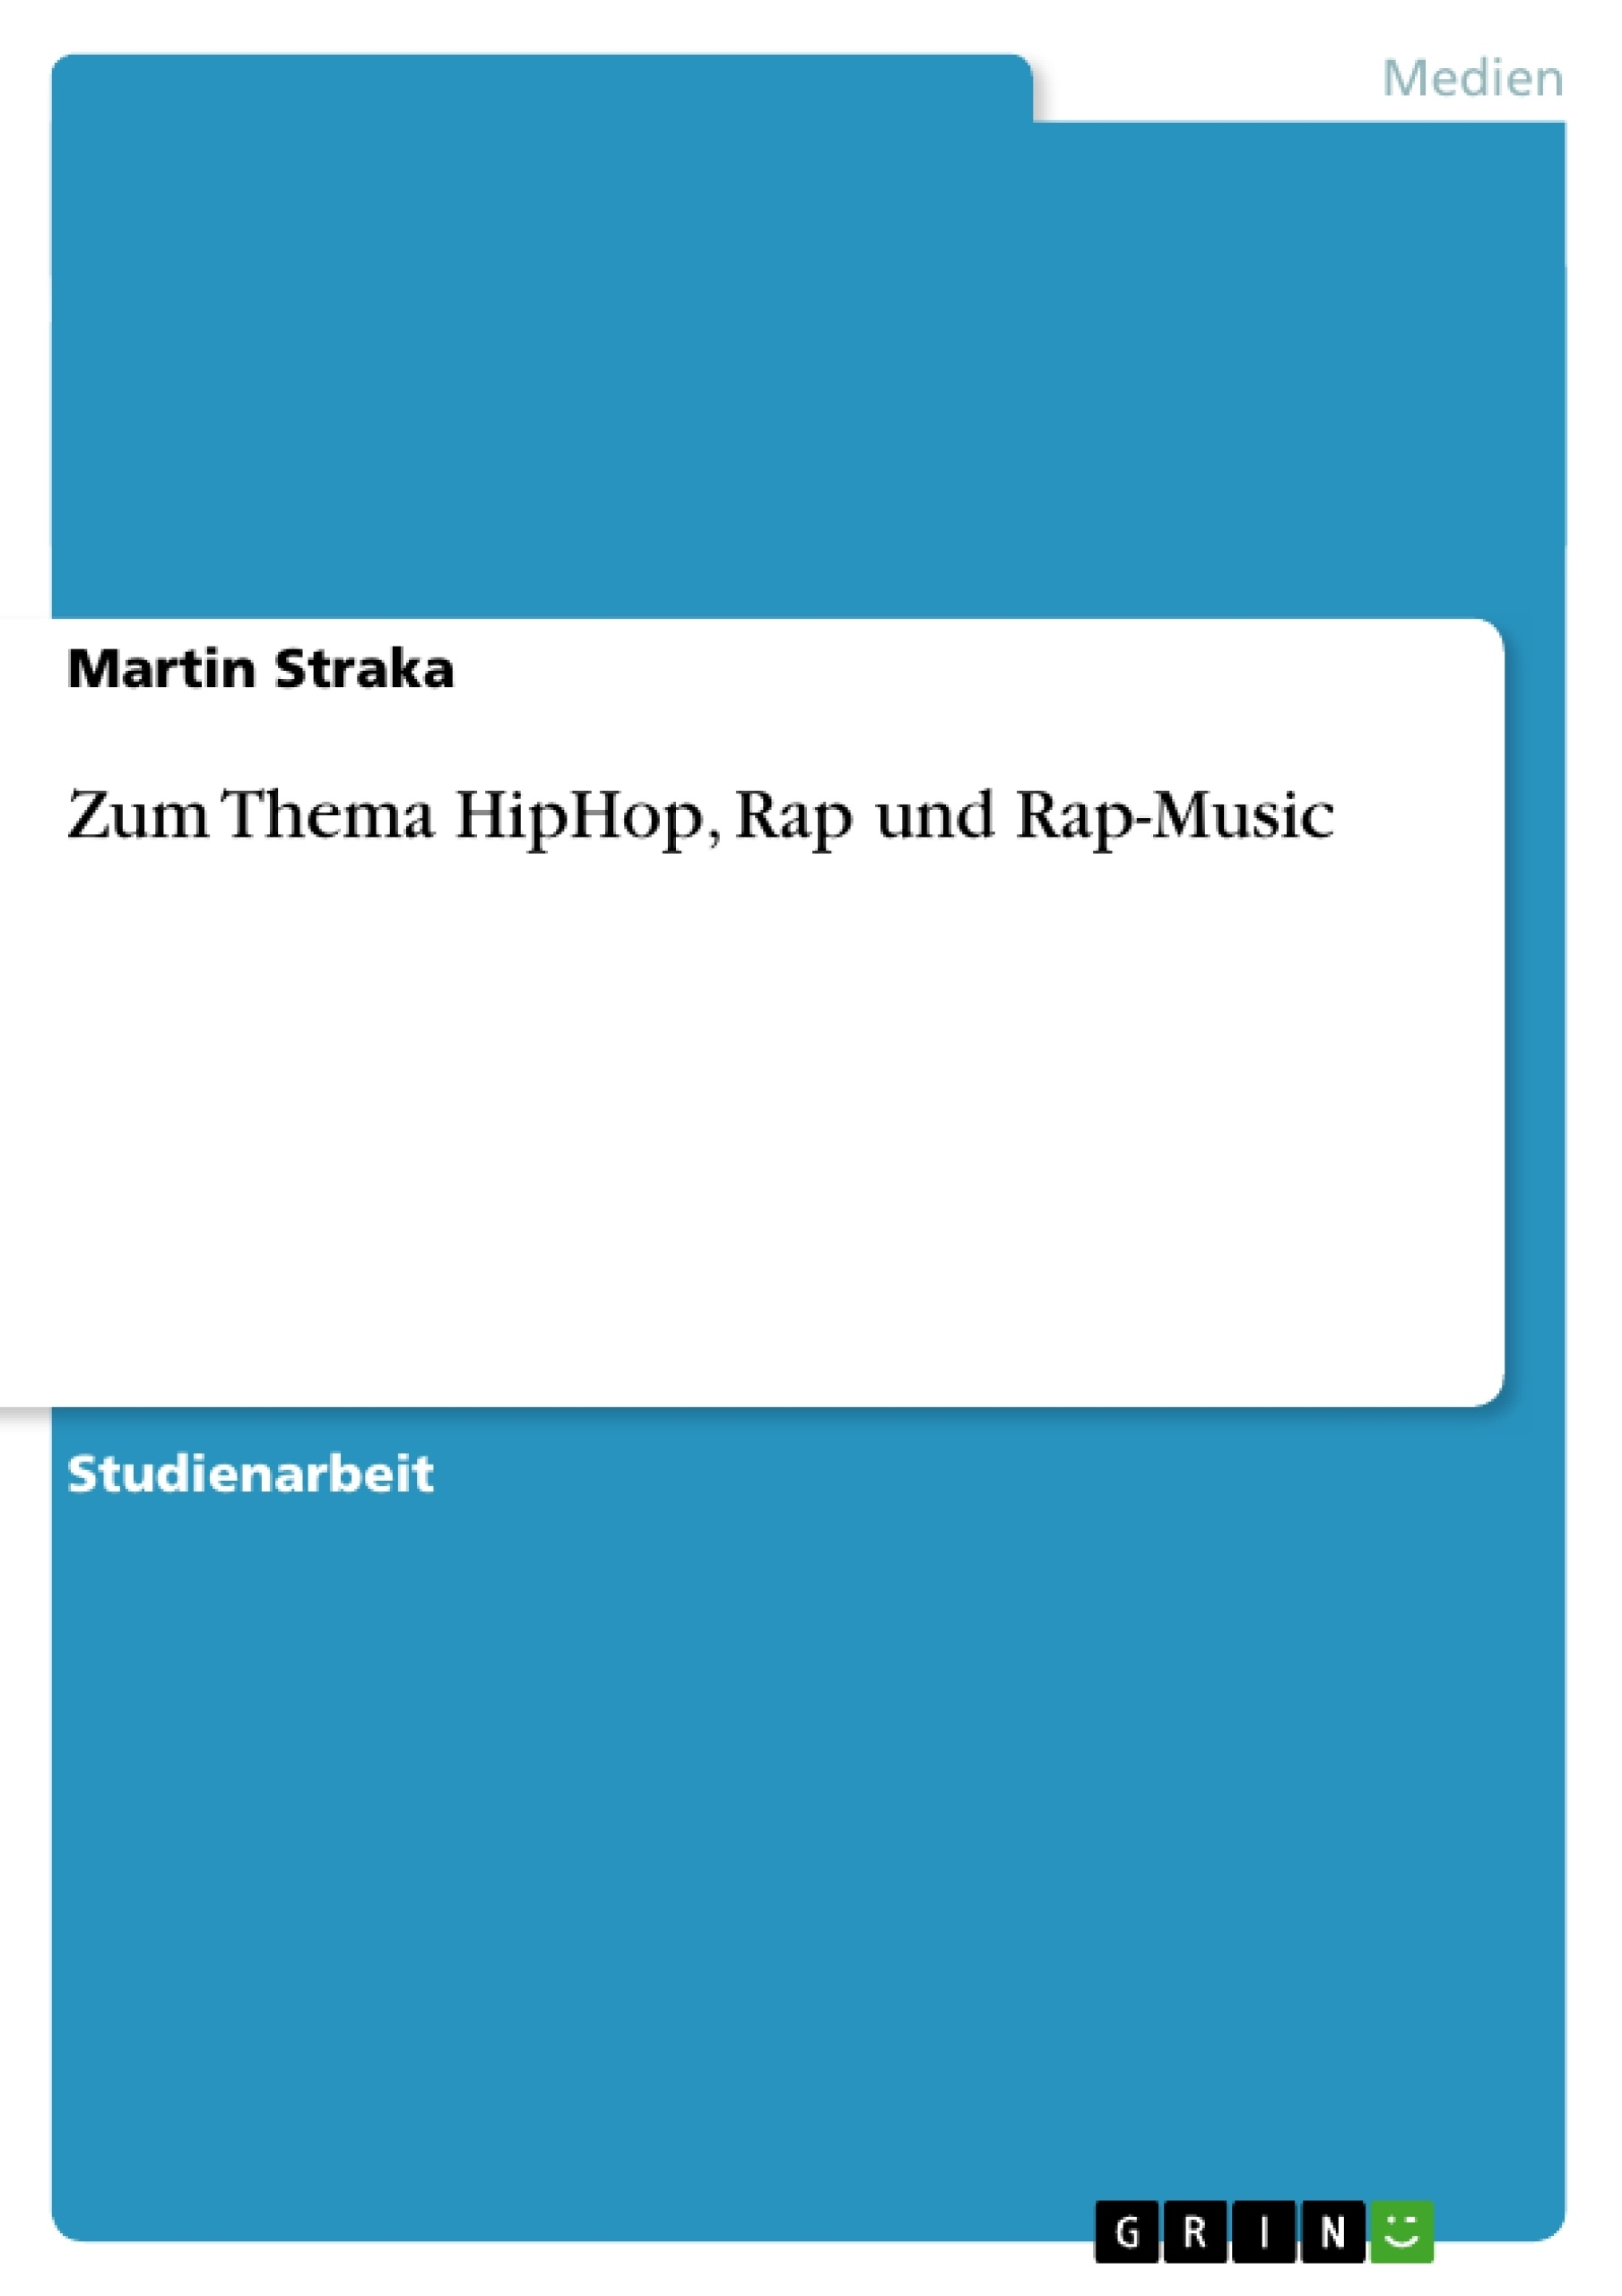 Titel: Zum Thema HipHop, Rap und Rap-Music